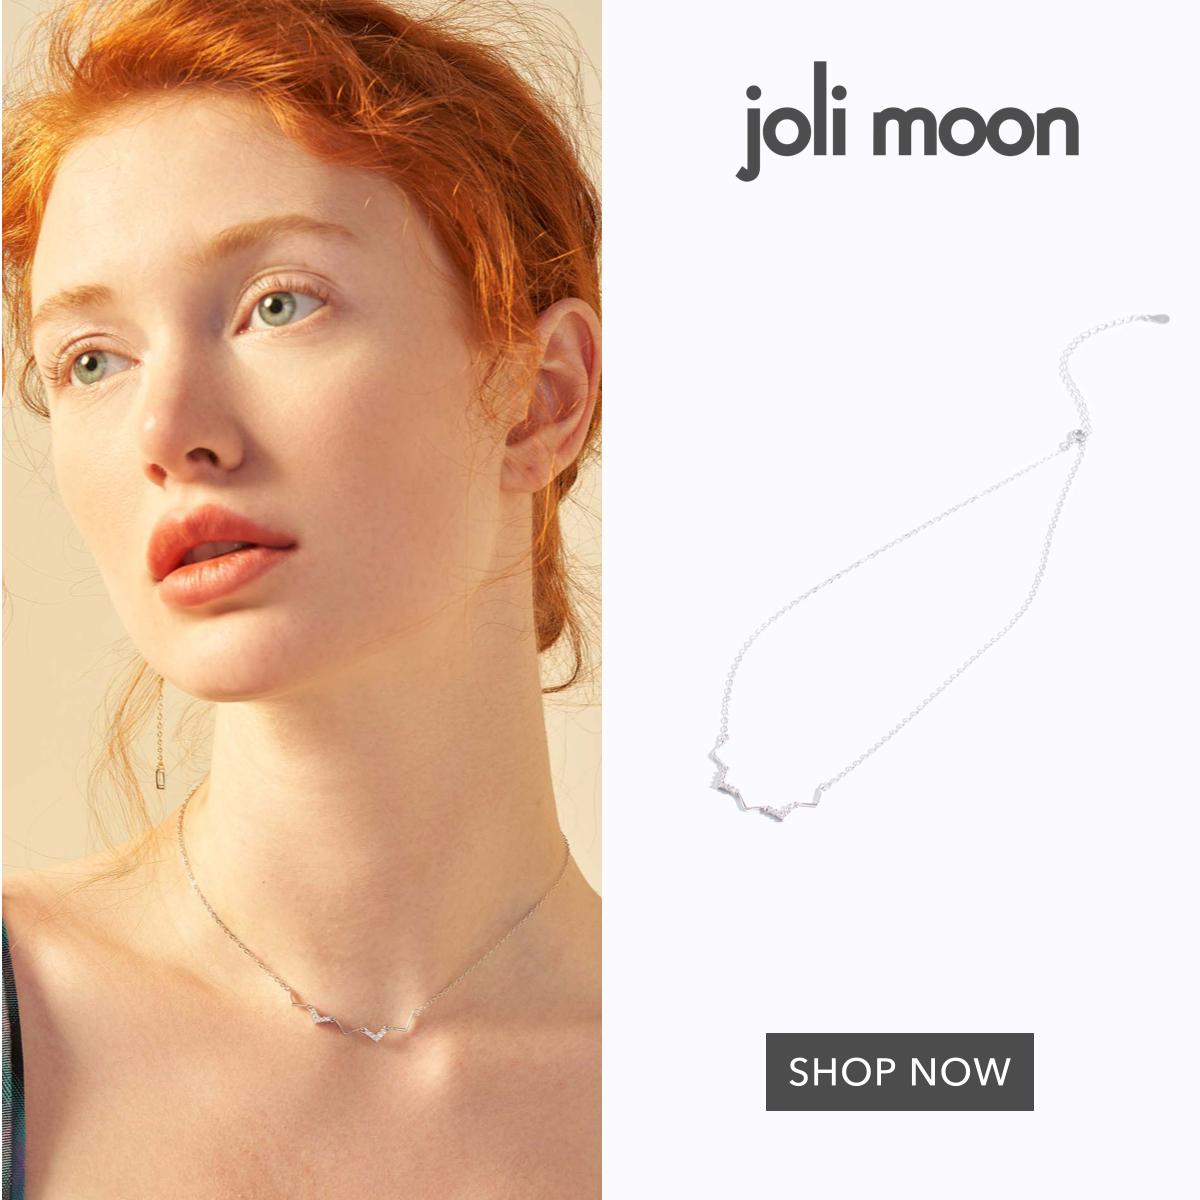 Joli Moon Best Offers